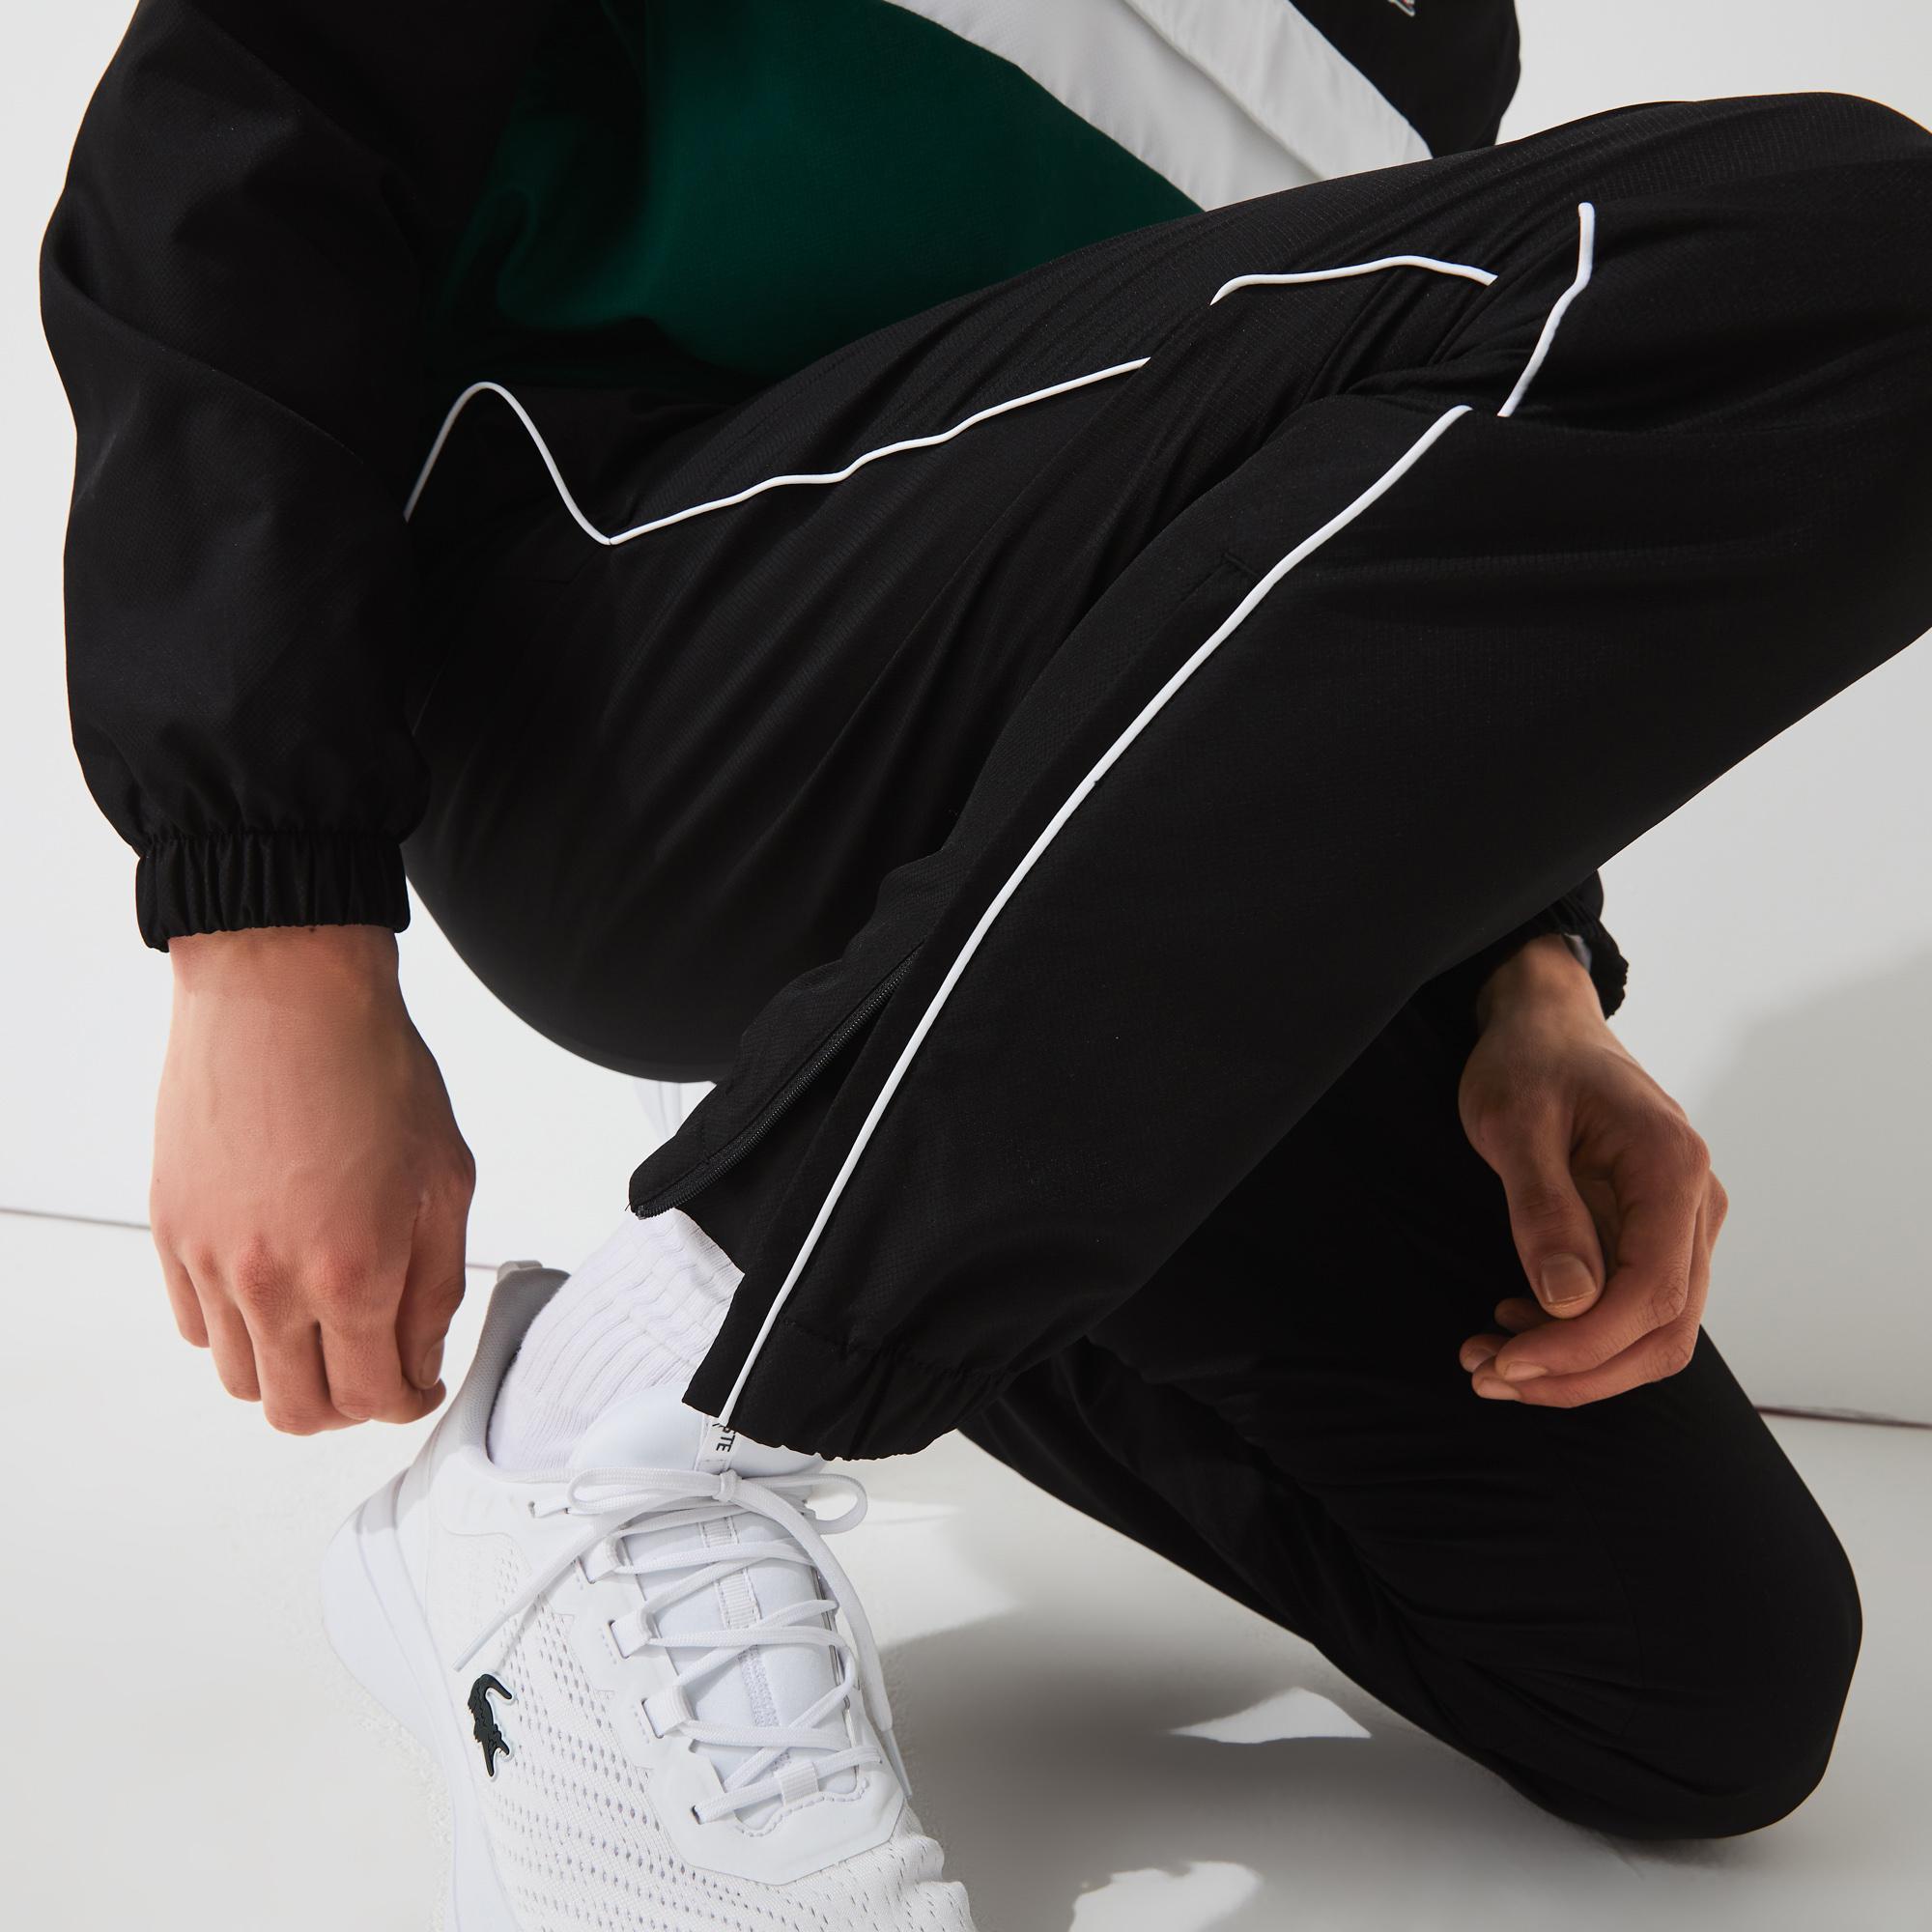 Lacoste Sport Erkek Uzun Kollu Fermuarlı Renk Bloklu Baskılı Renkli Eşofman Takımı